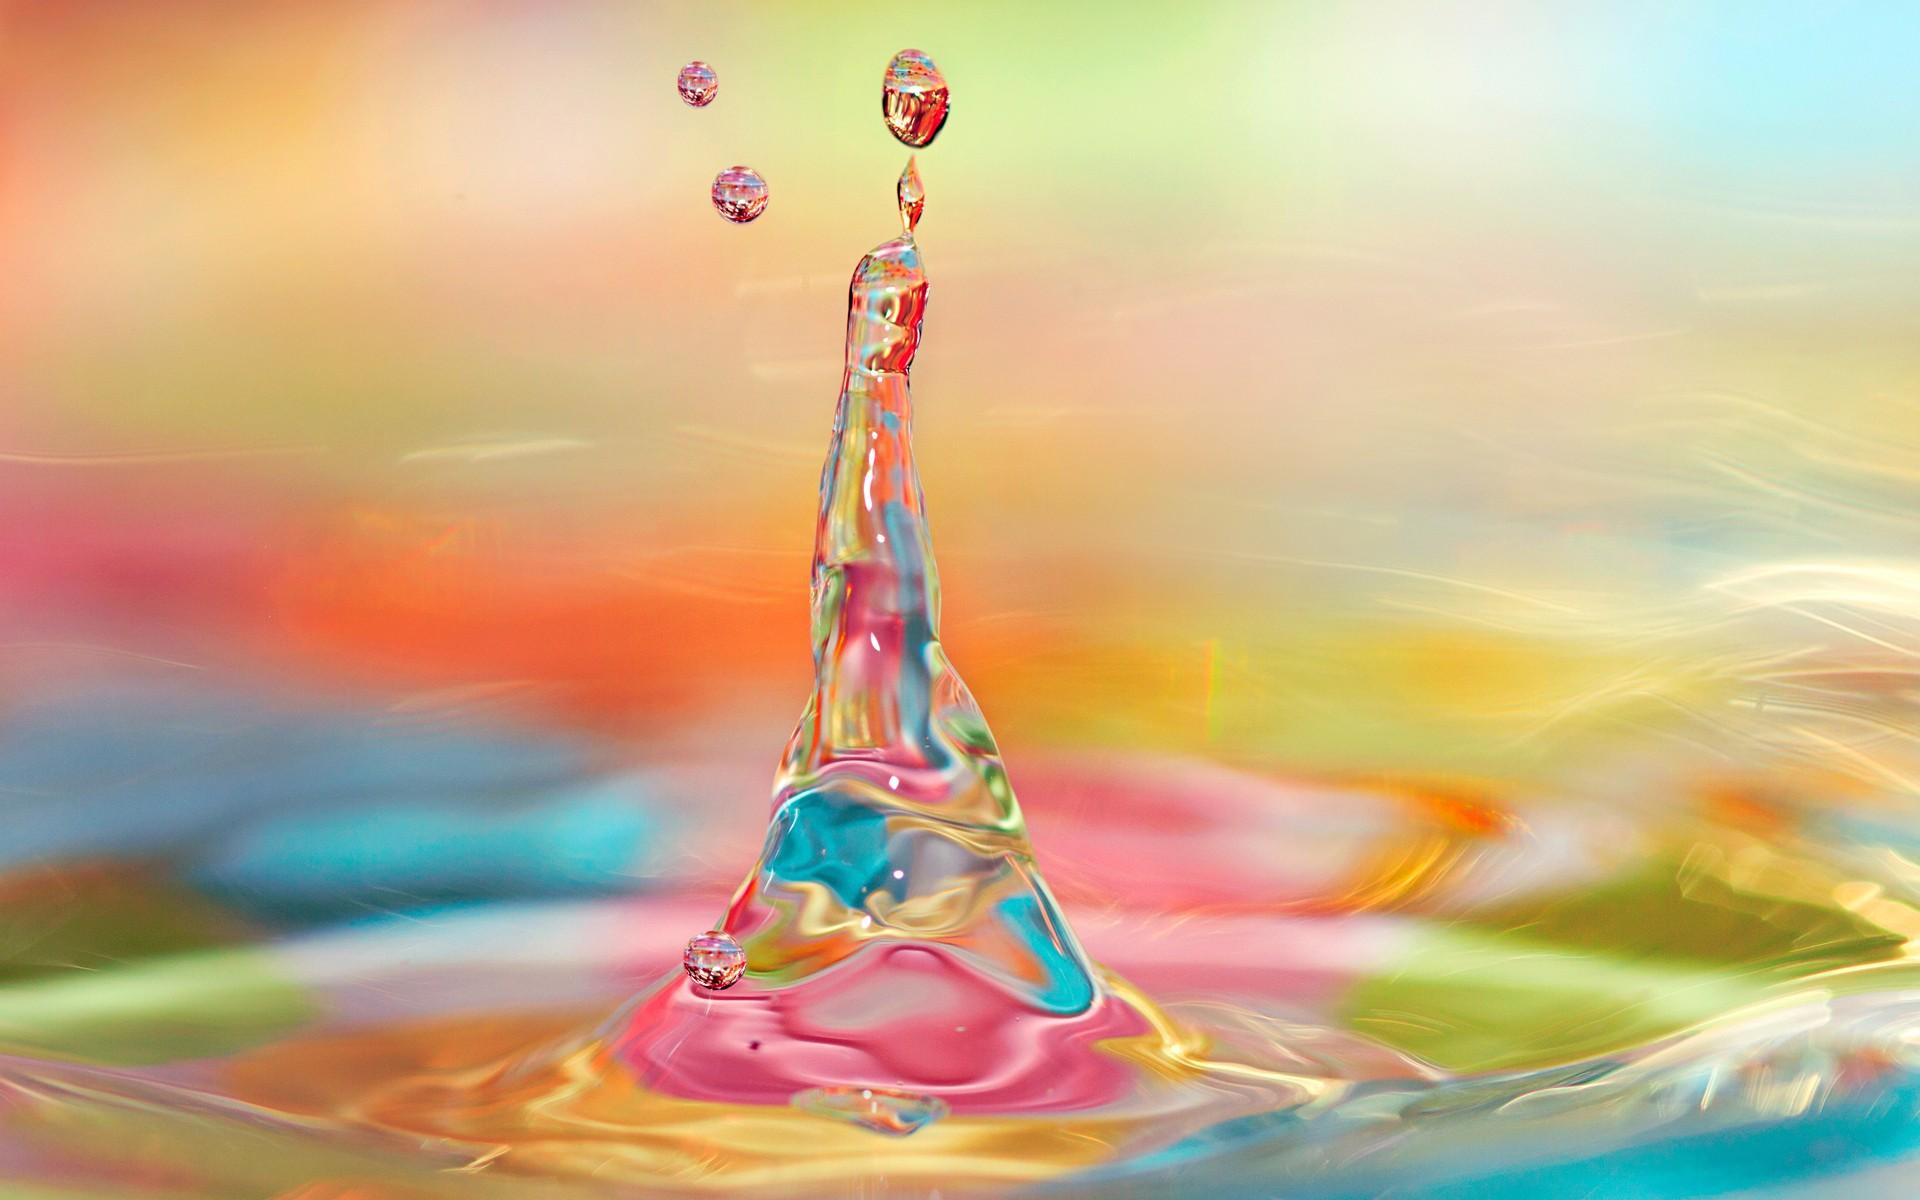 Agua y luces de colores - 1920x1200